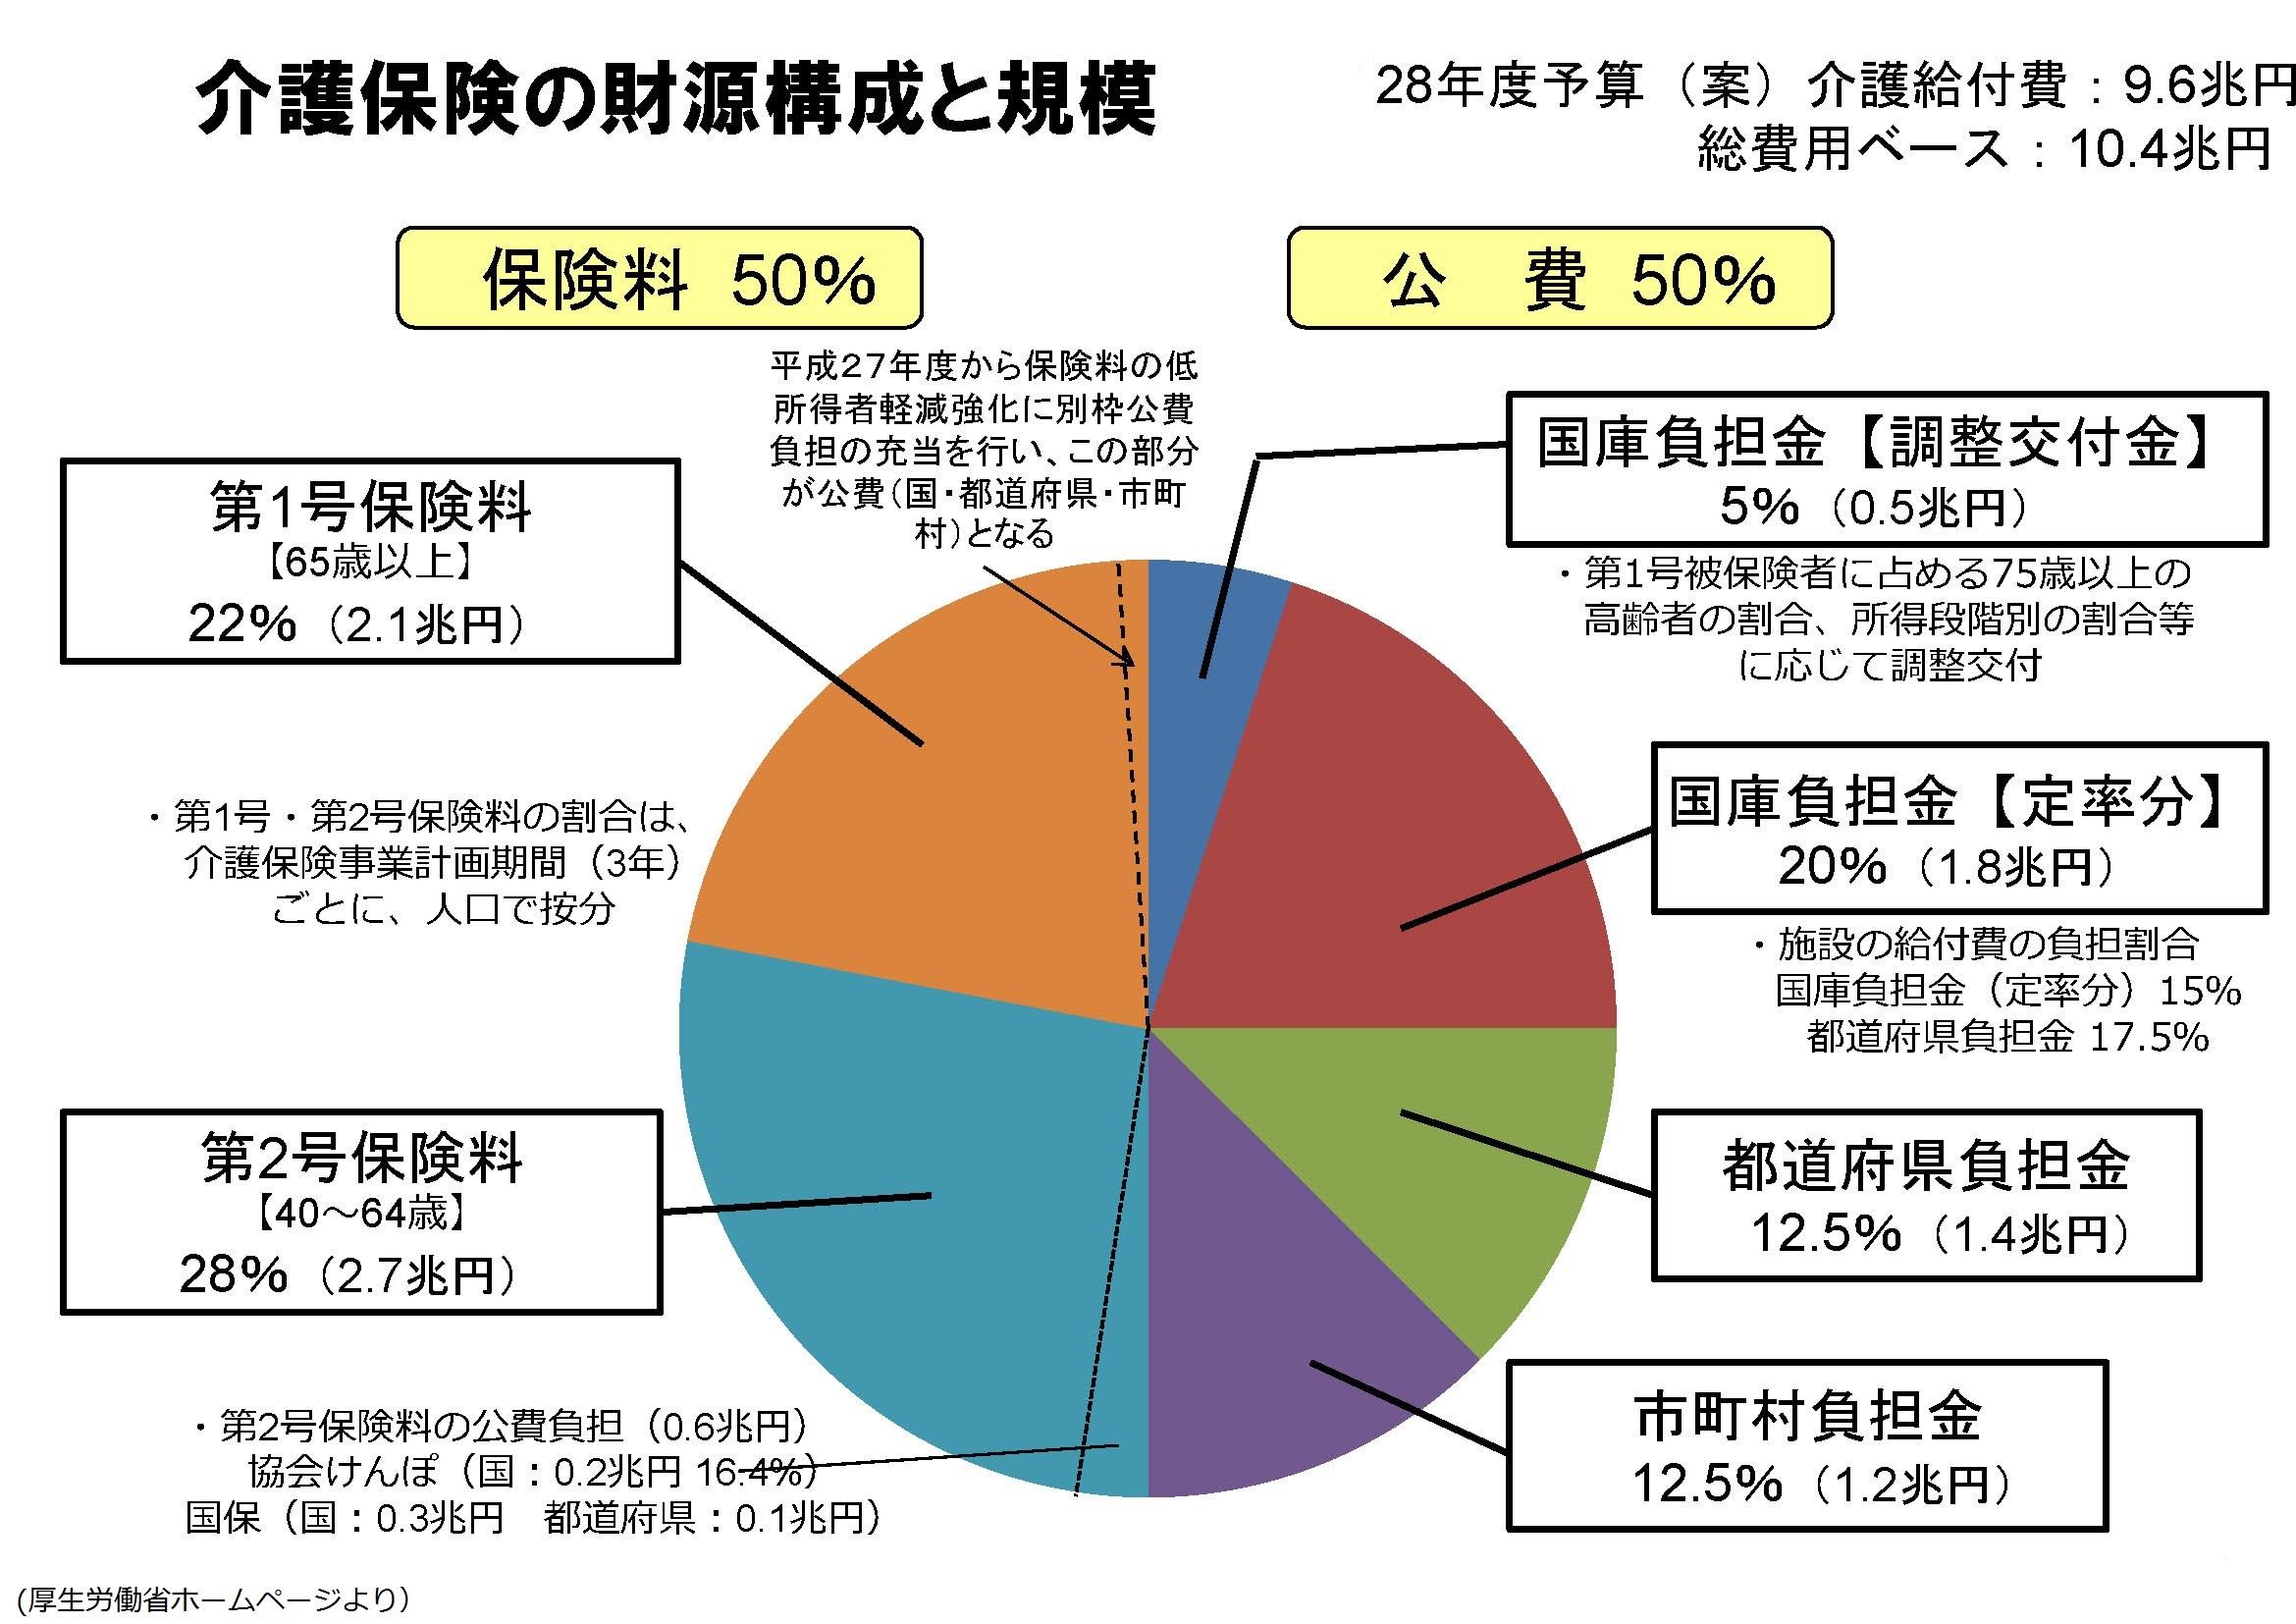 マネセツ137(山本)介護保険の現状と将来/図表1